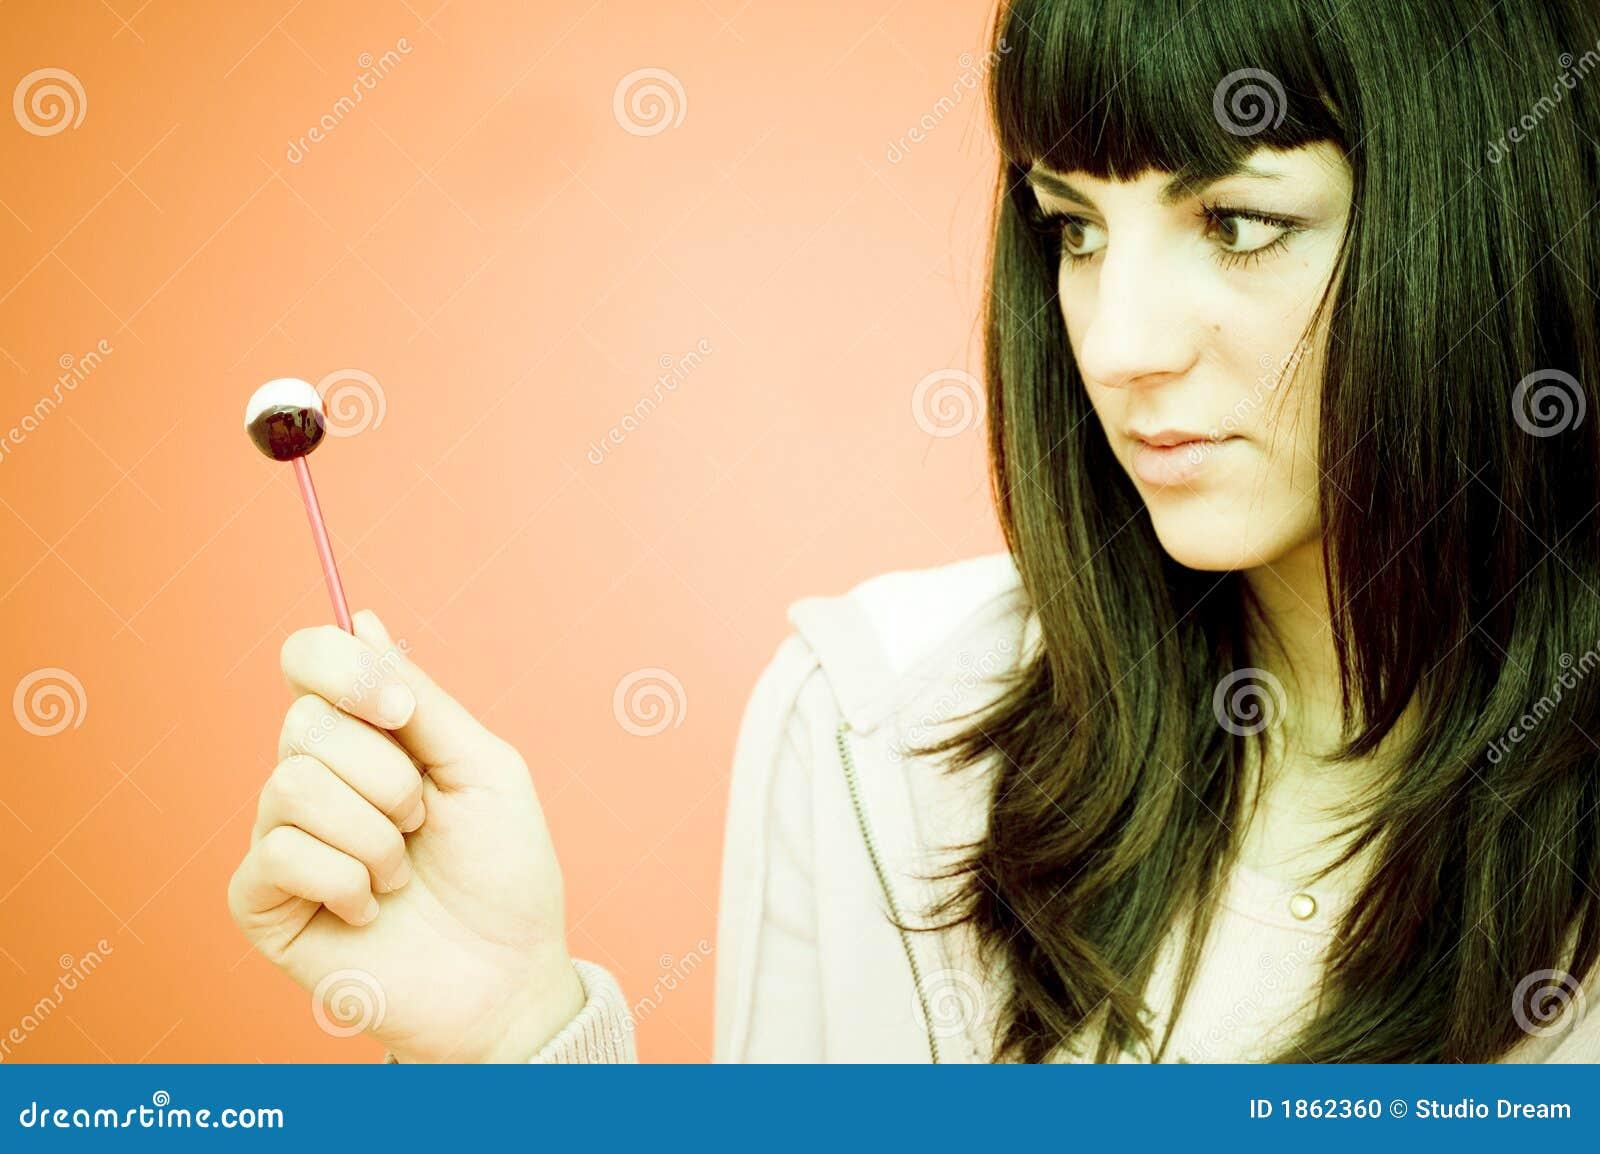 Meu Lollipop